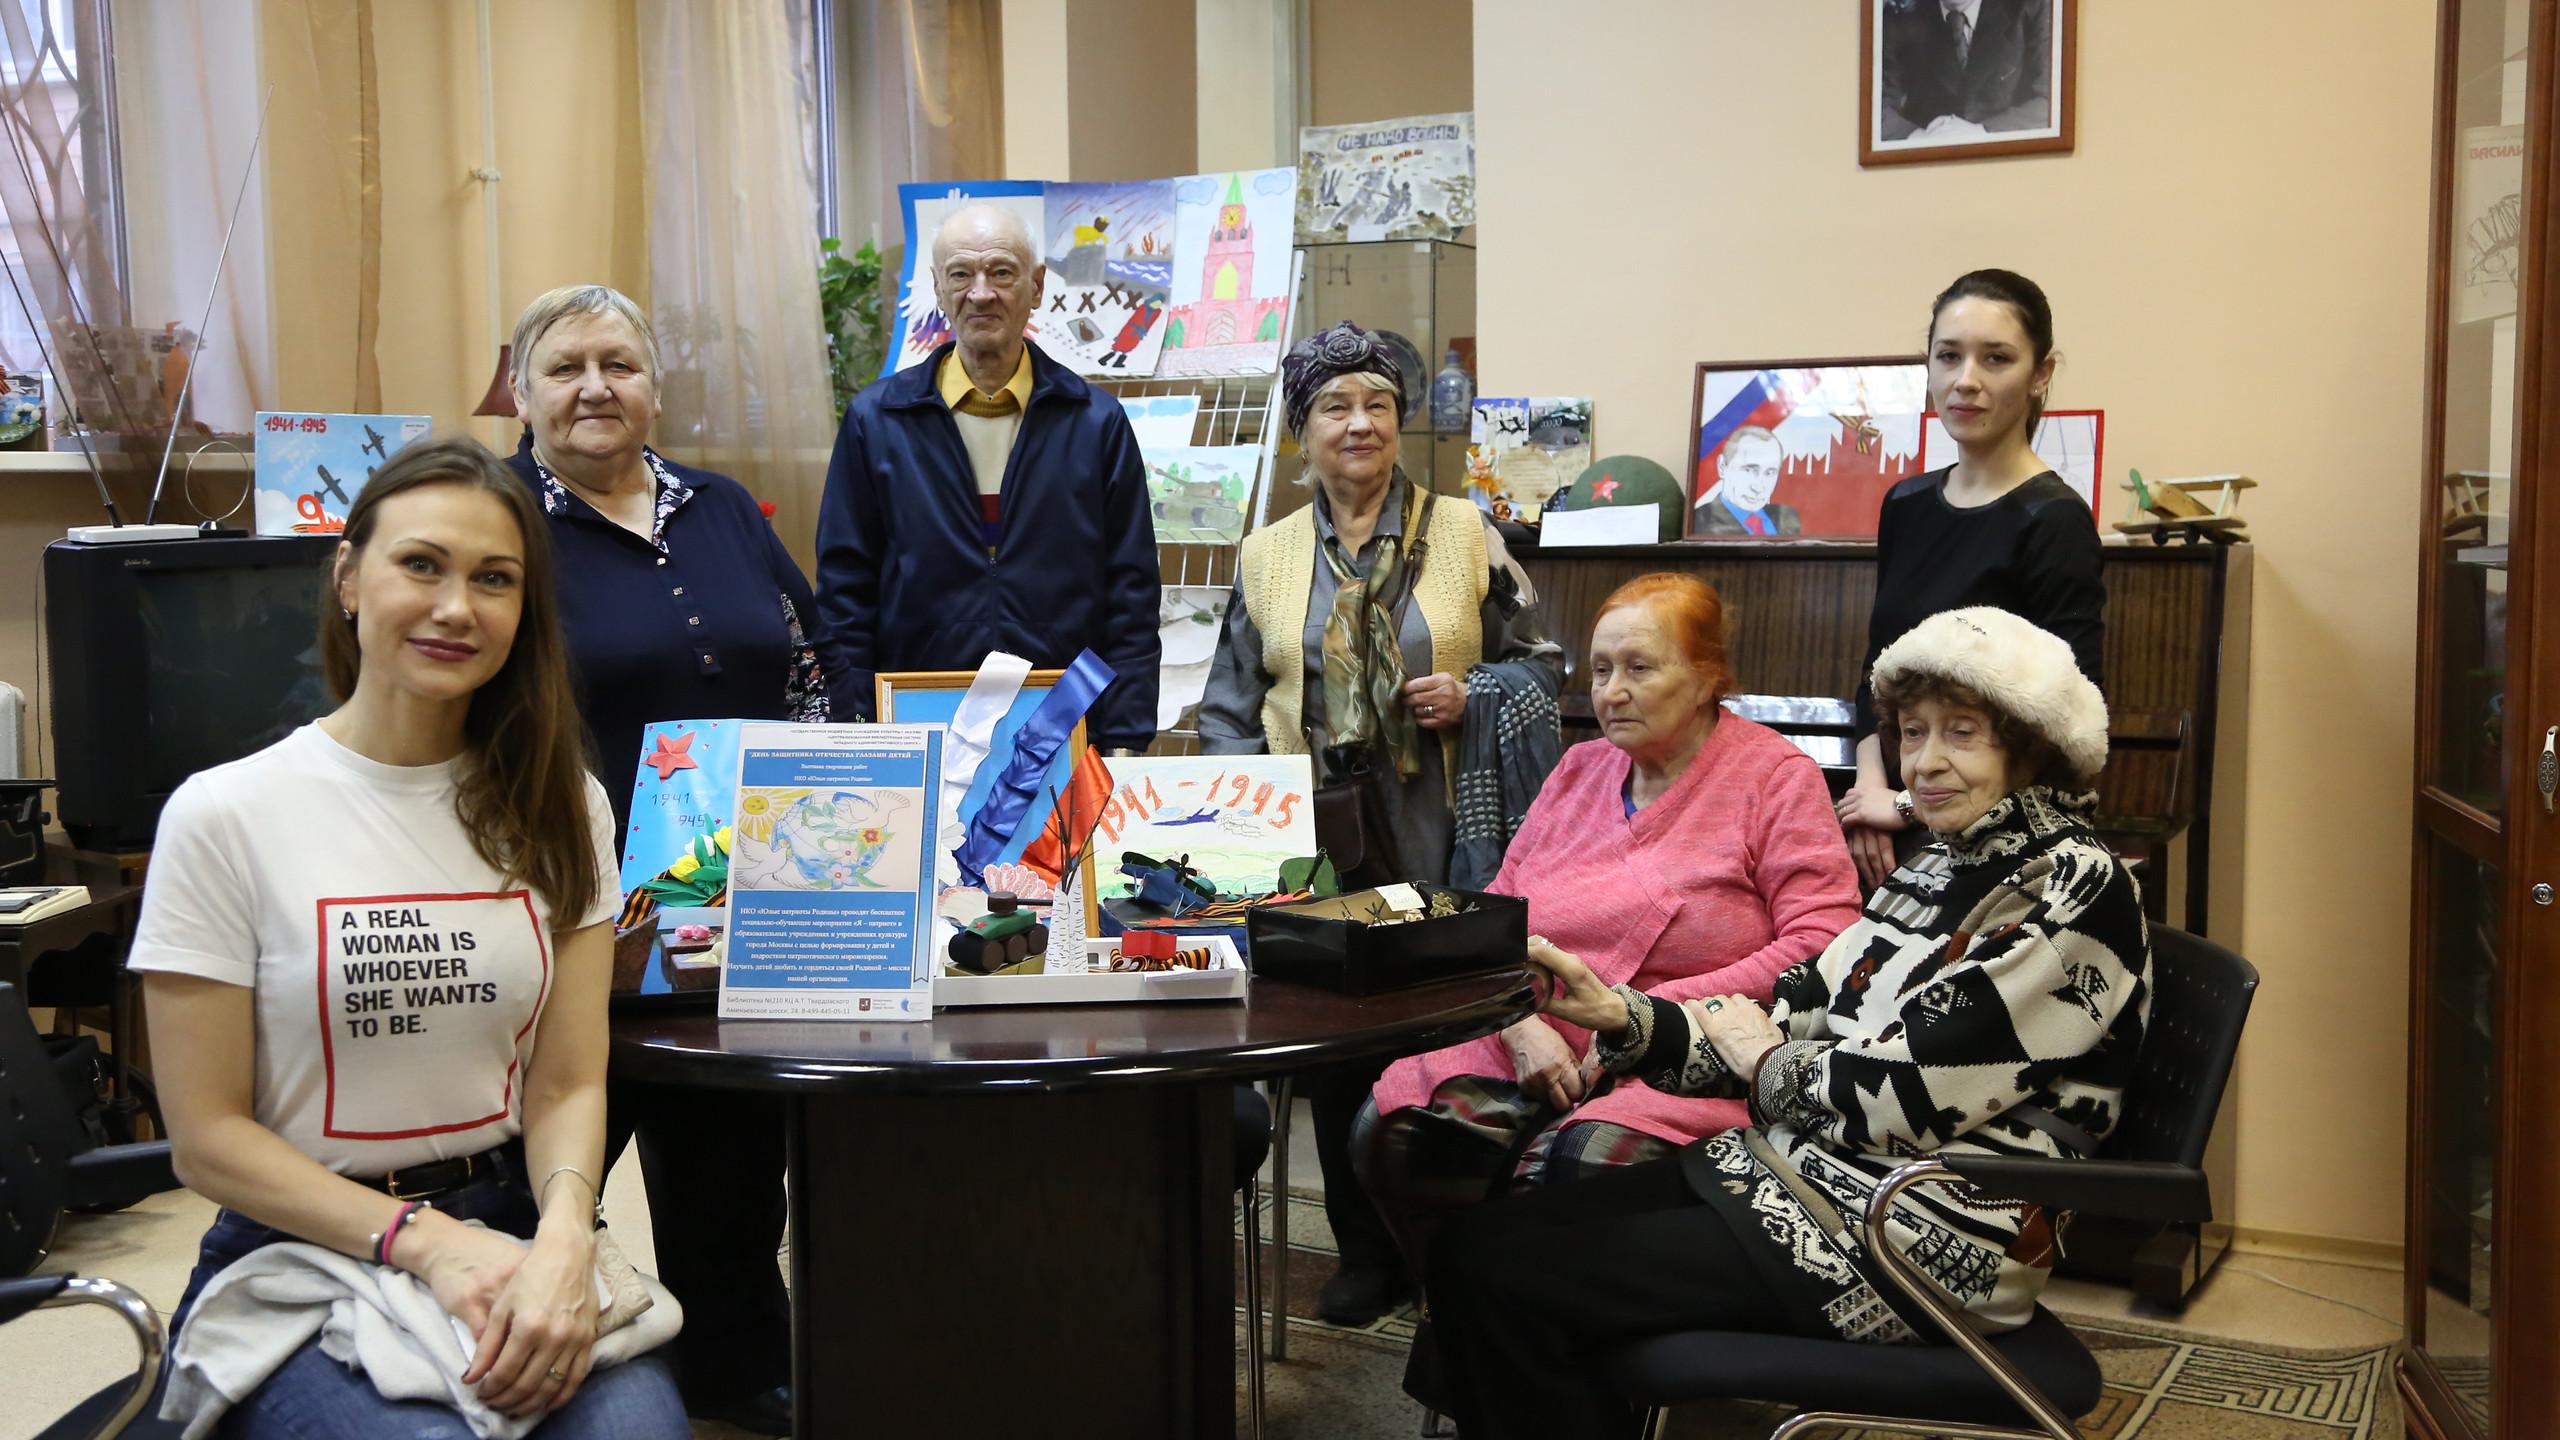 Гости Западного округа в культурном центре им. Твардовского